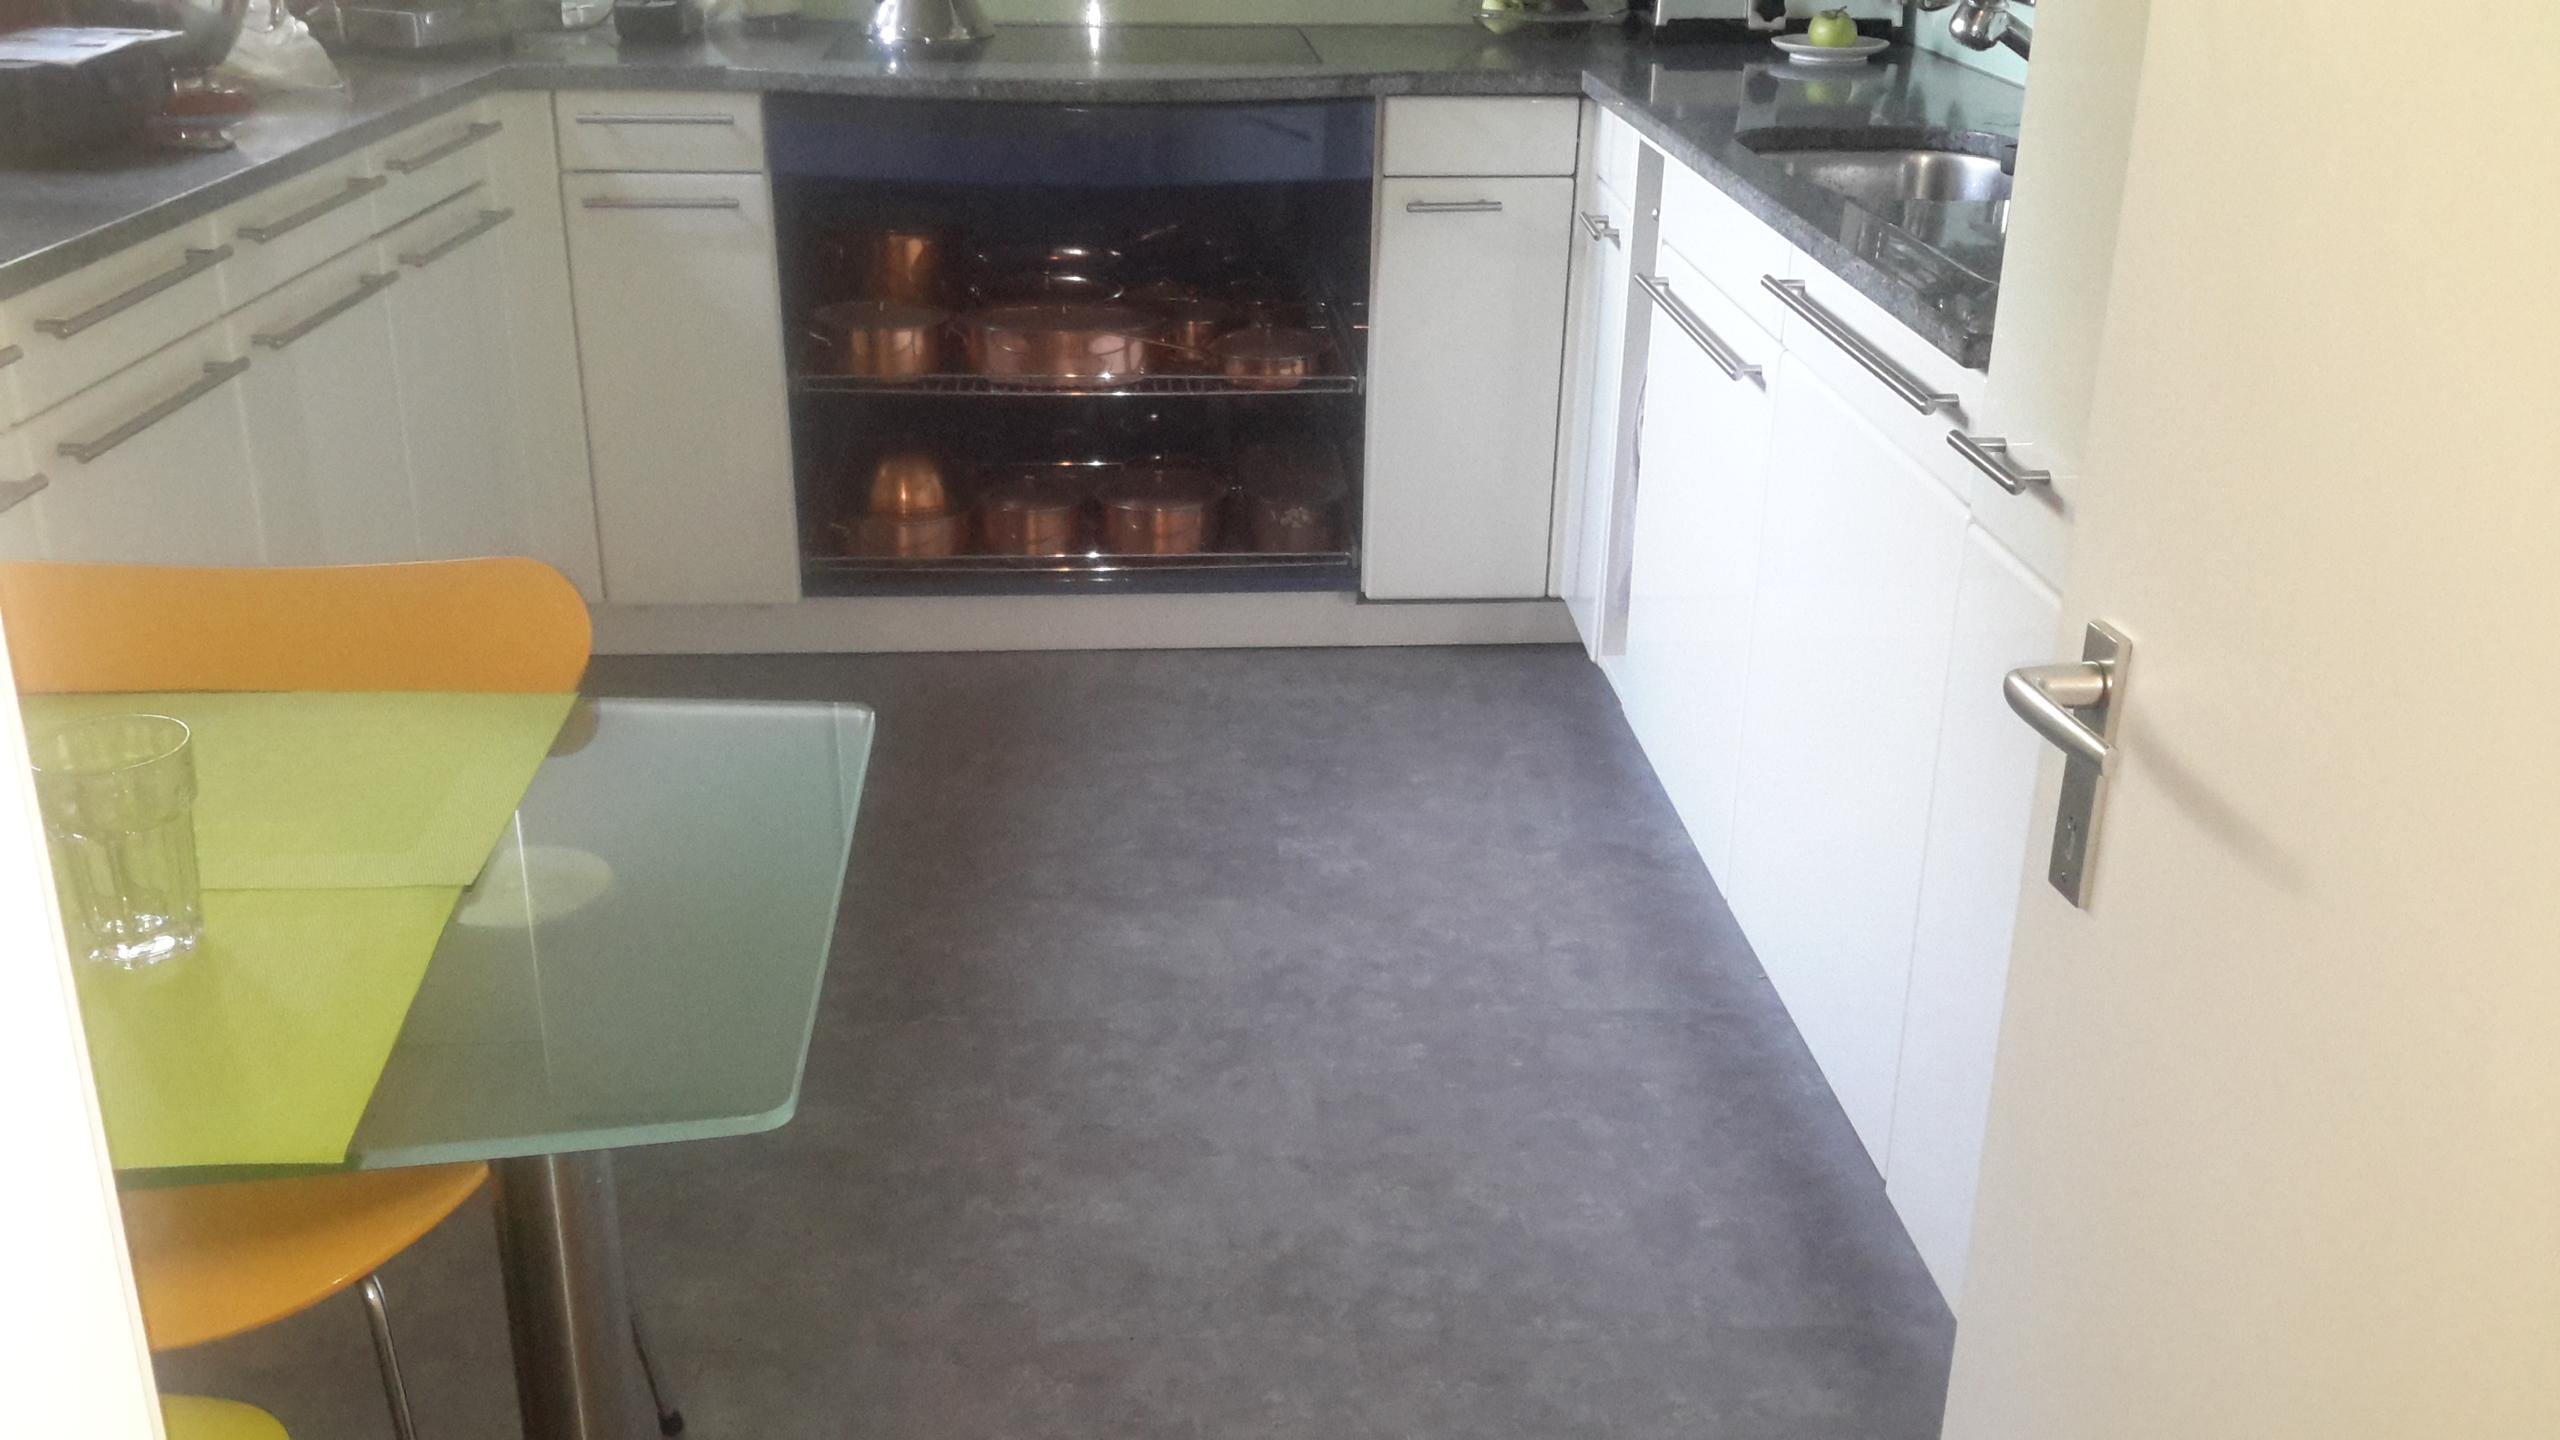 Vinyl im Küchenbereich